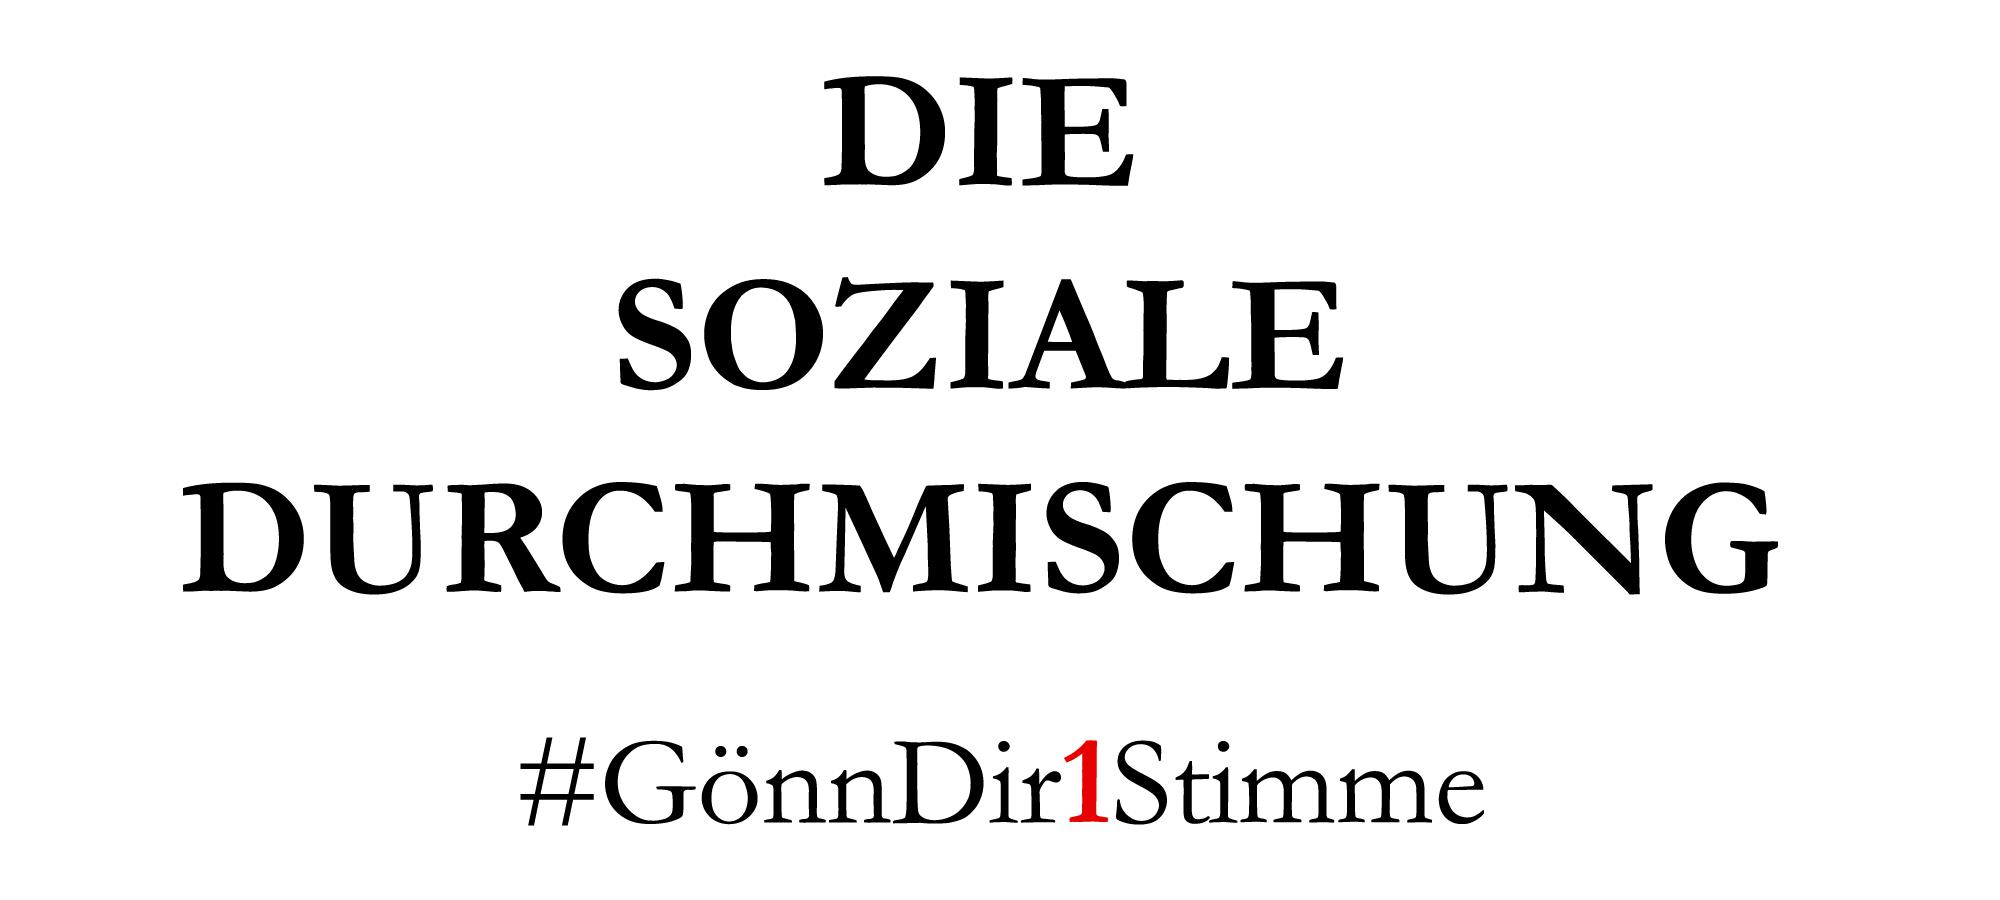 Ich würde gerne wissen, wie Sie sich für eine bessere soziale Durchmischung in den Berliner Bezirken einsetzen wollen?